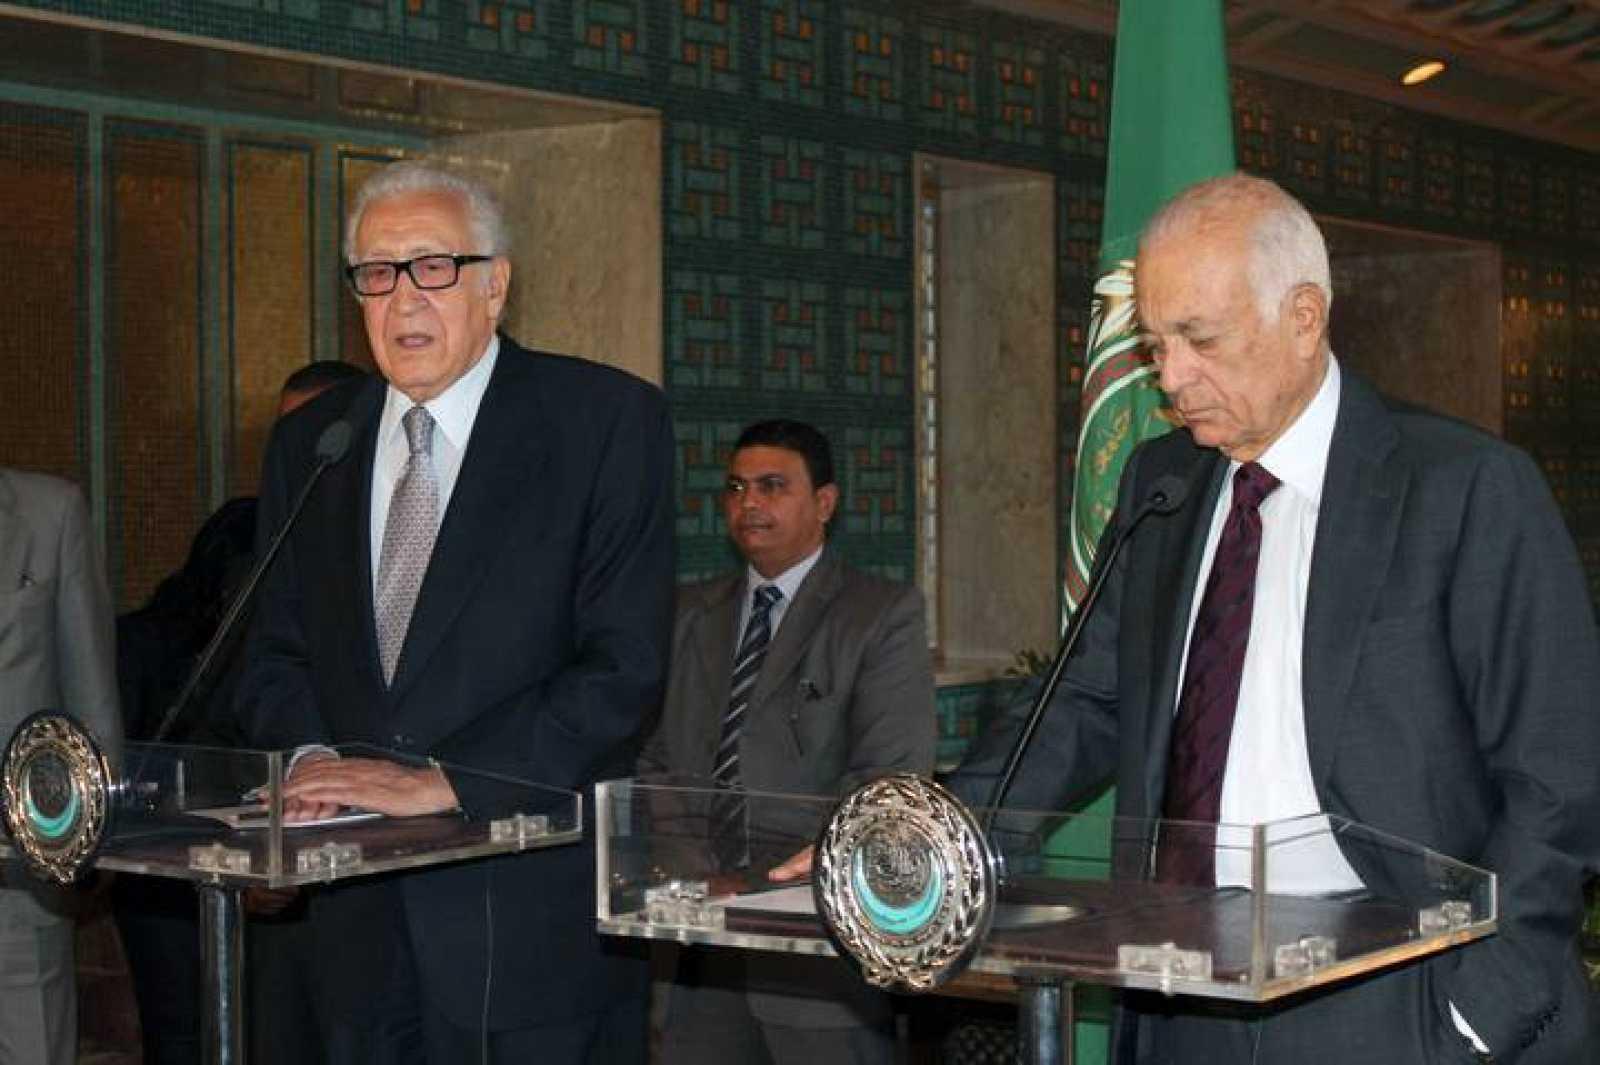 La conferencia de paz sobre Siria se celebrará el 23 de noviembre en Ginebra